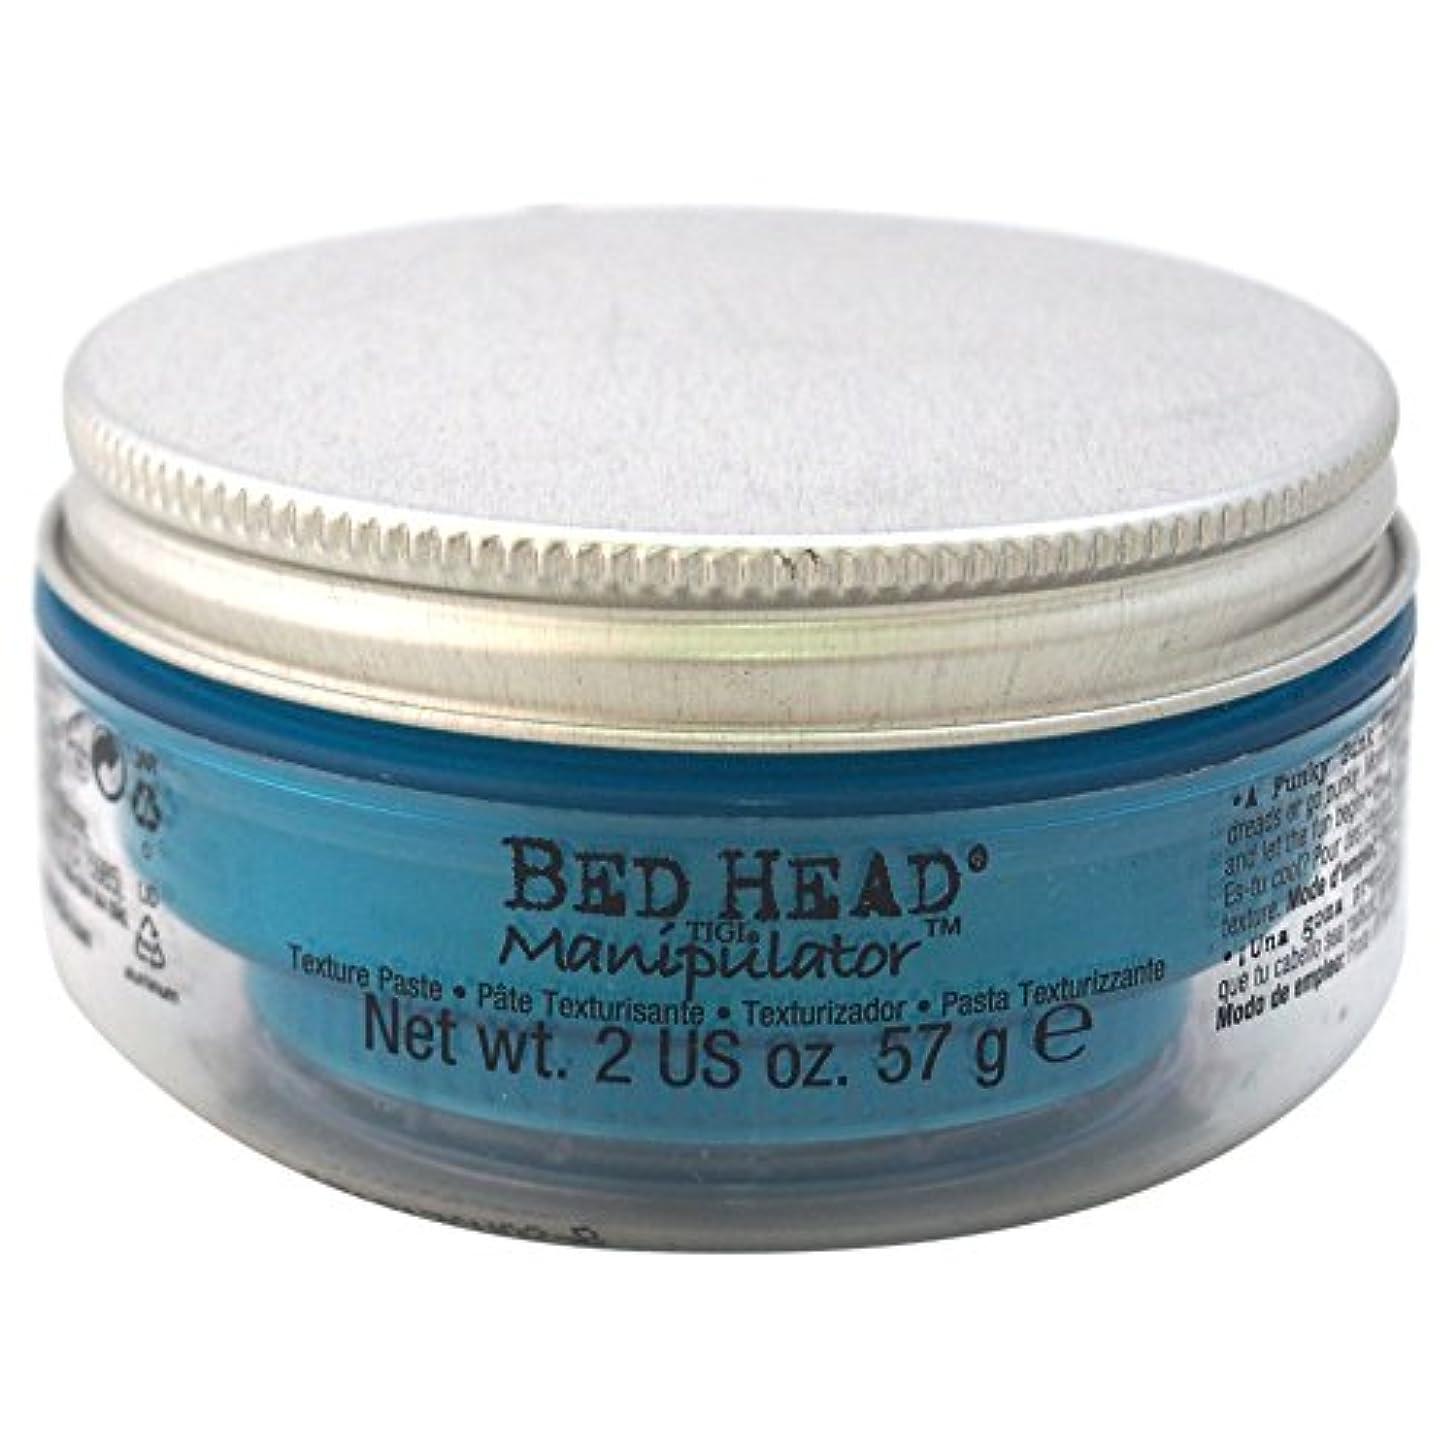 におい役割硬いティジー ベッドヘッドマニピュレーター テキシチヤ ペースト Tigi Bed Head Manipulator Texture Paste 57 ml [並行輸入品]